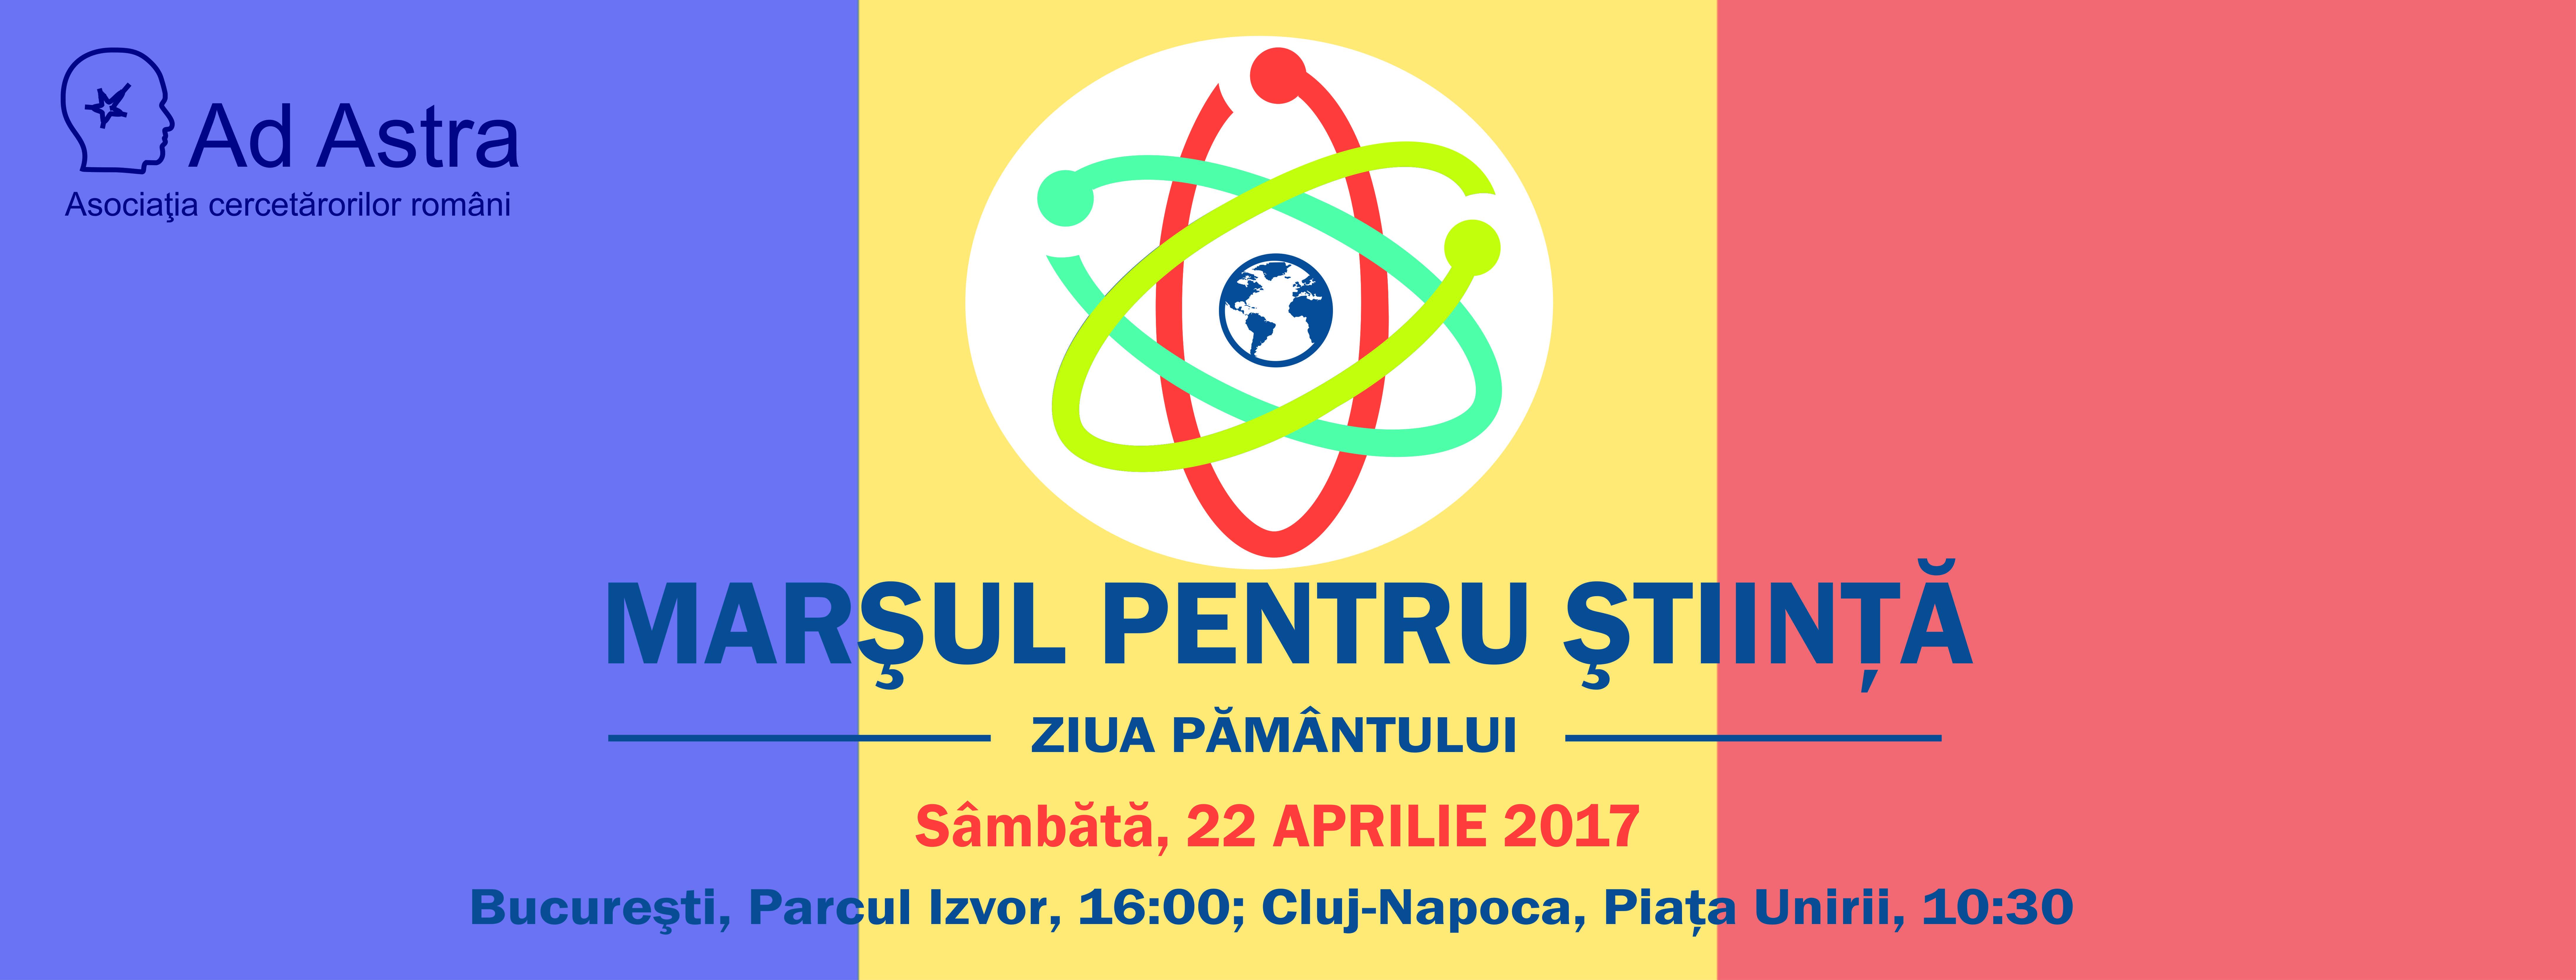 Marşul Pentru Ştiinţă, sâmbătă 22 aprilie, Bucureşti şi Cluj-Napoca